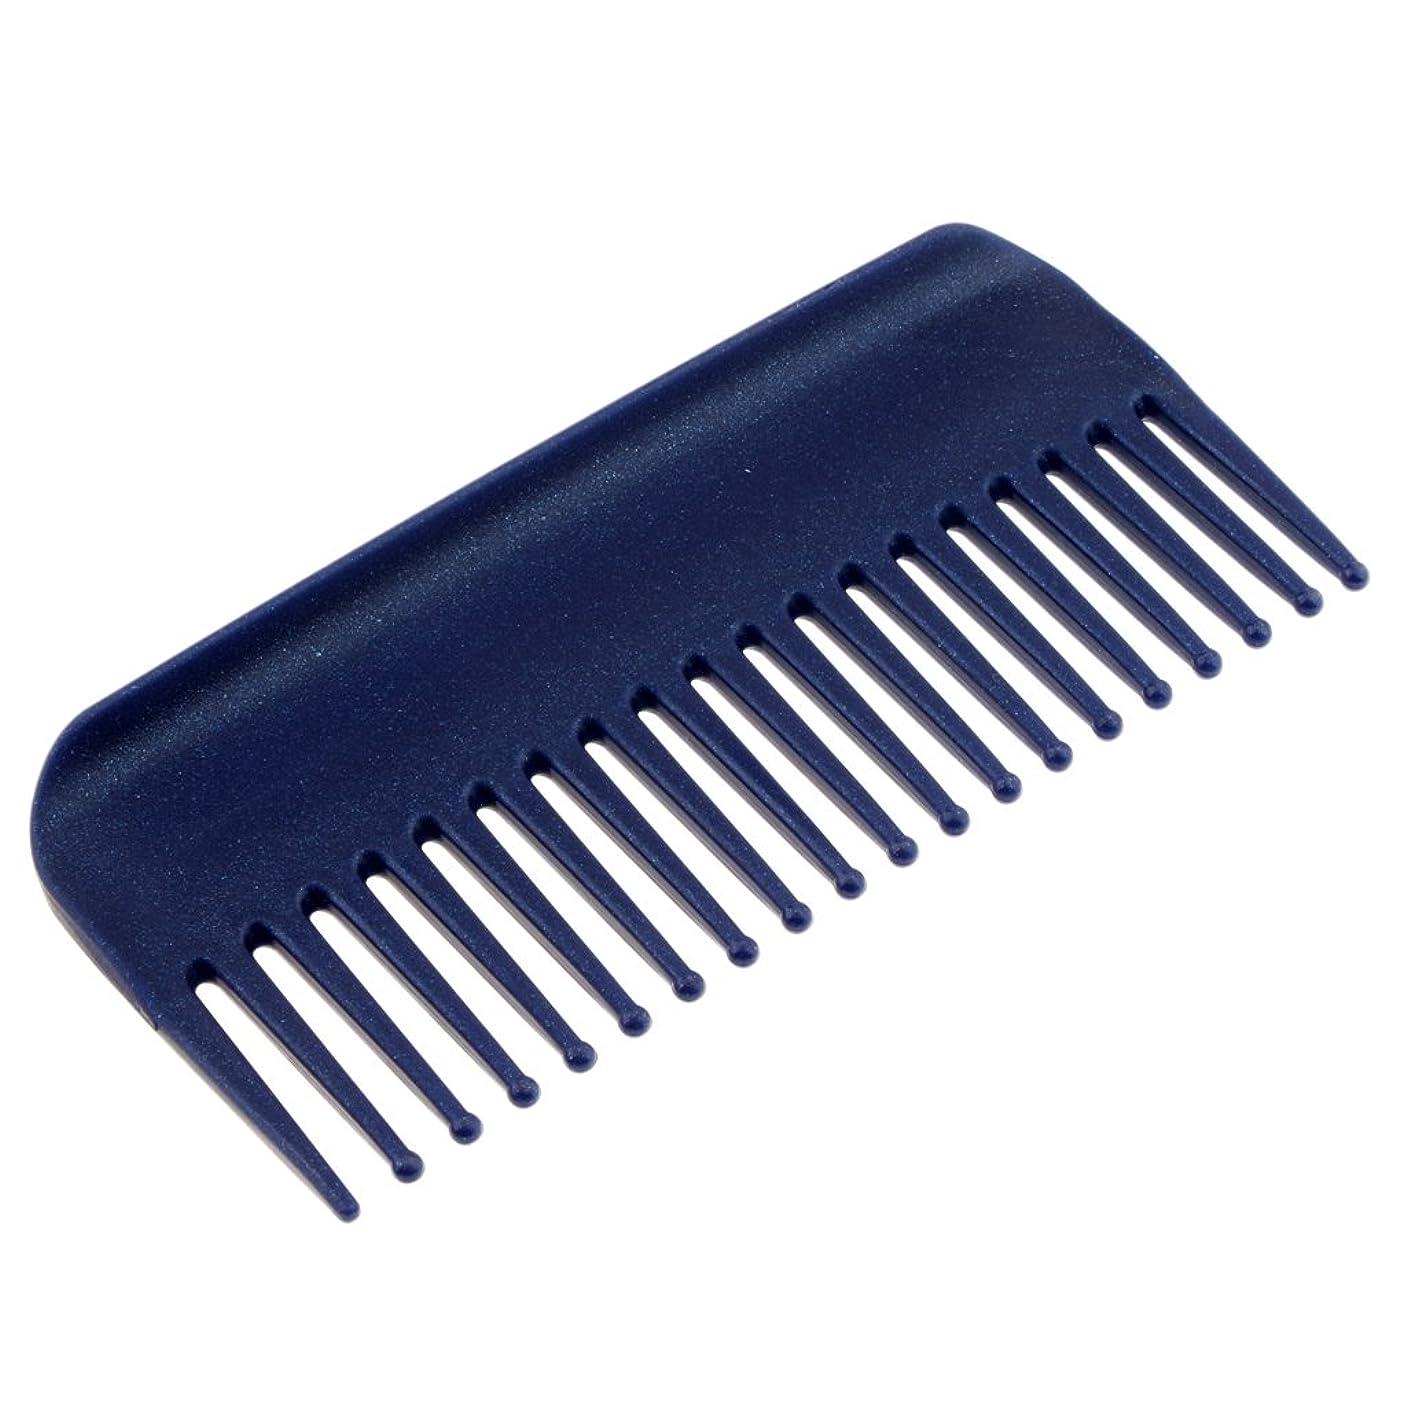 次囲まれた説得Perfk ヘアブラシ ヘアコーム コーム 櫛 くし 頭皮 マッサージ 耐熱性 帯電防止 高品質 4色選べる - 青